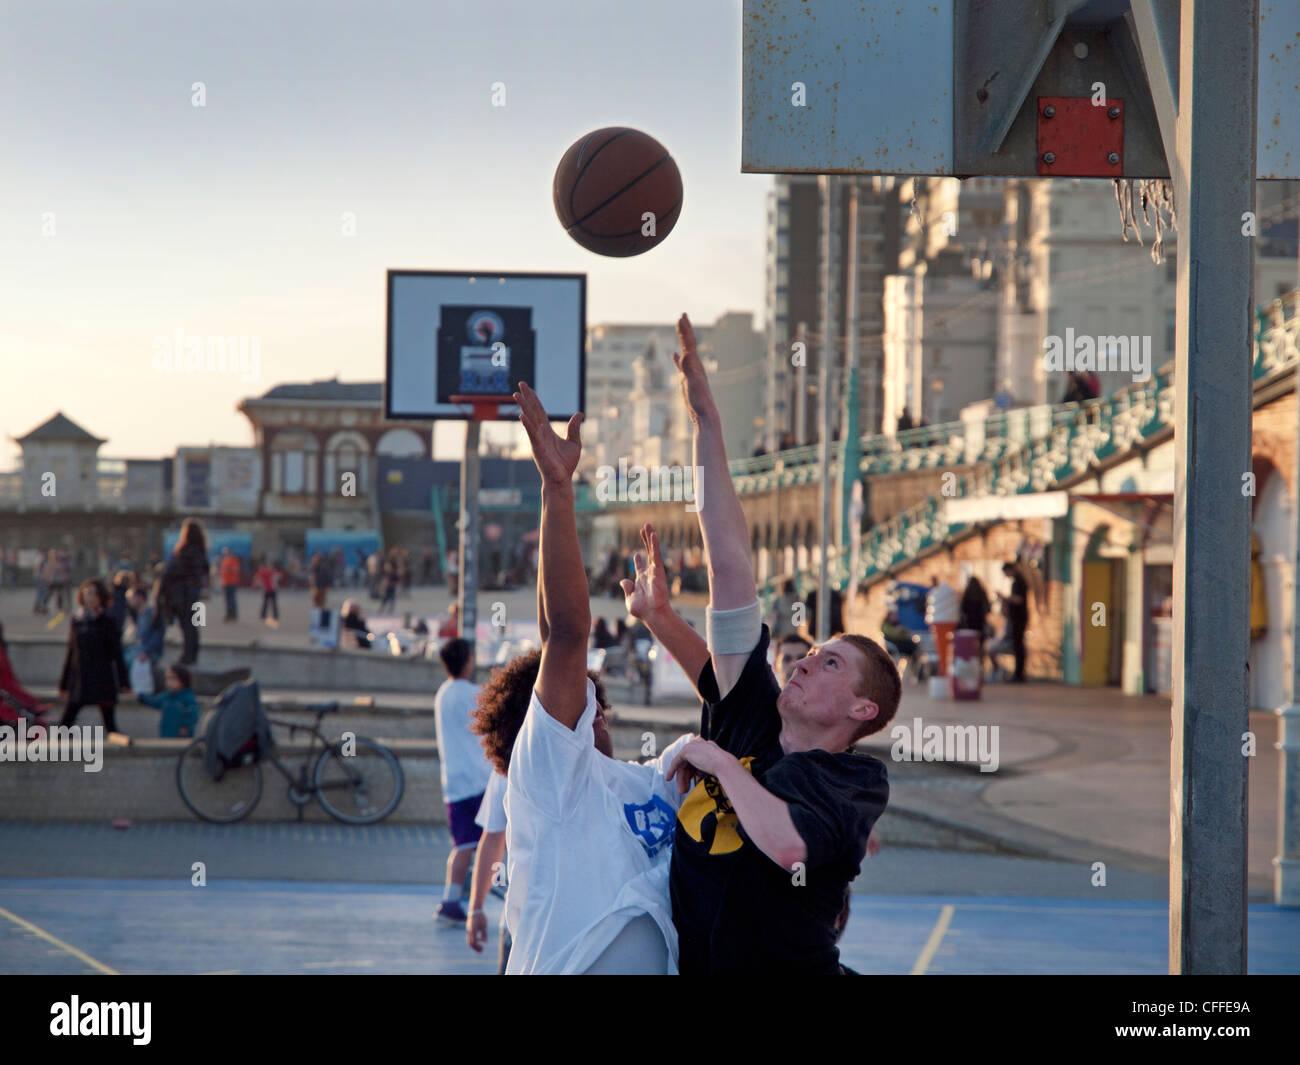 La pallacanestro sul lungomare di Brighton corte Immagini Stock